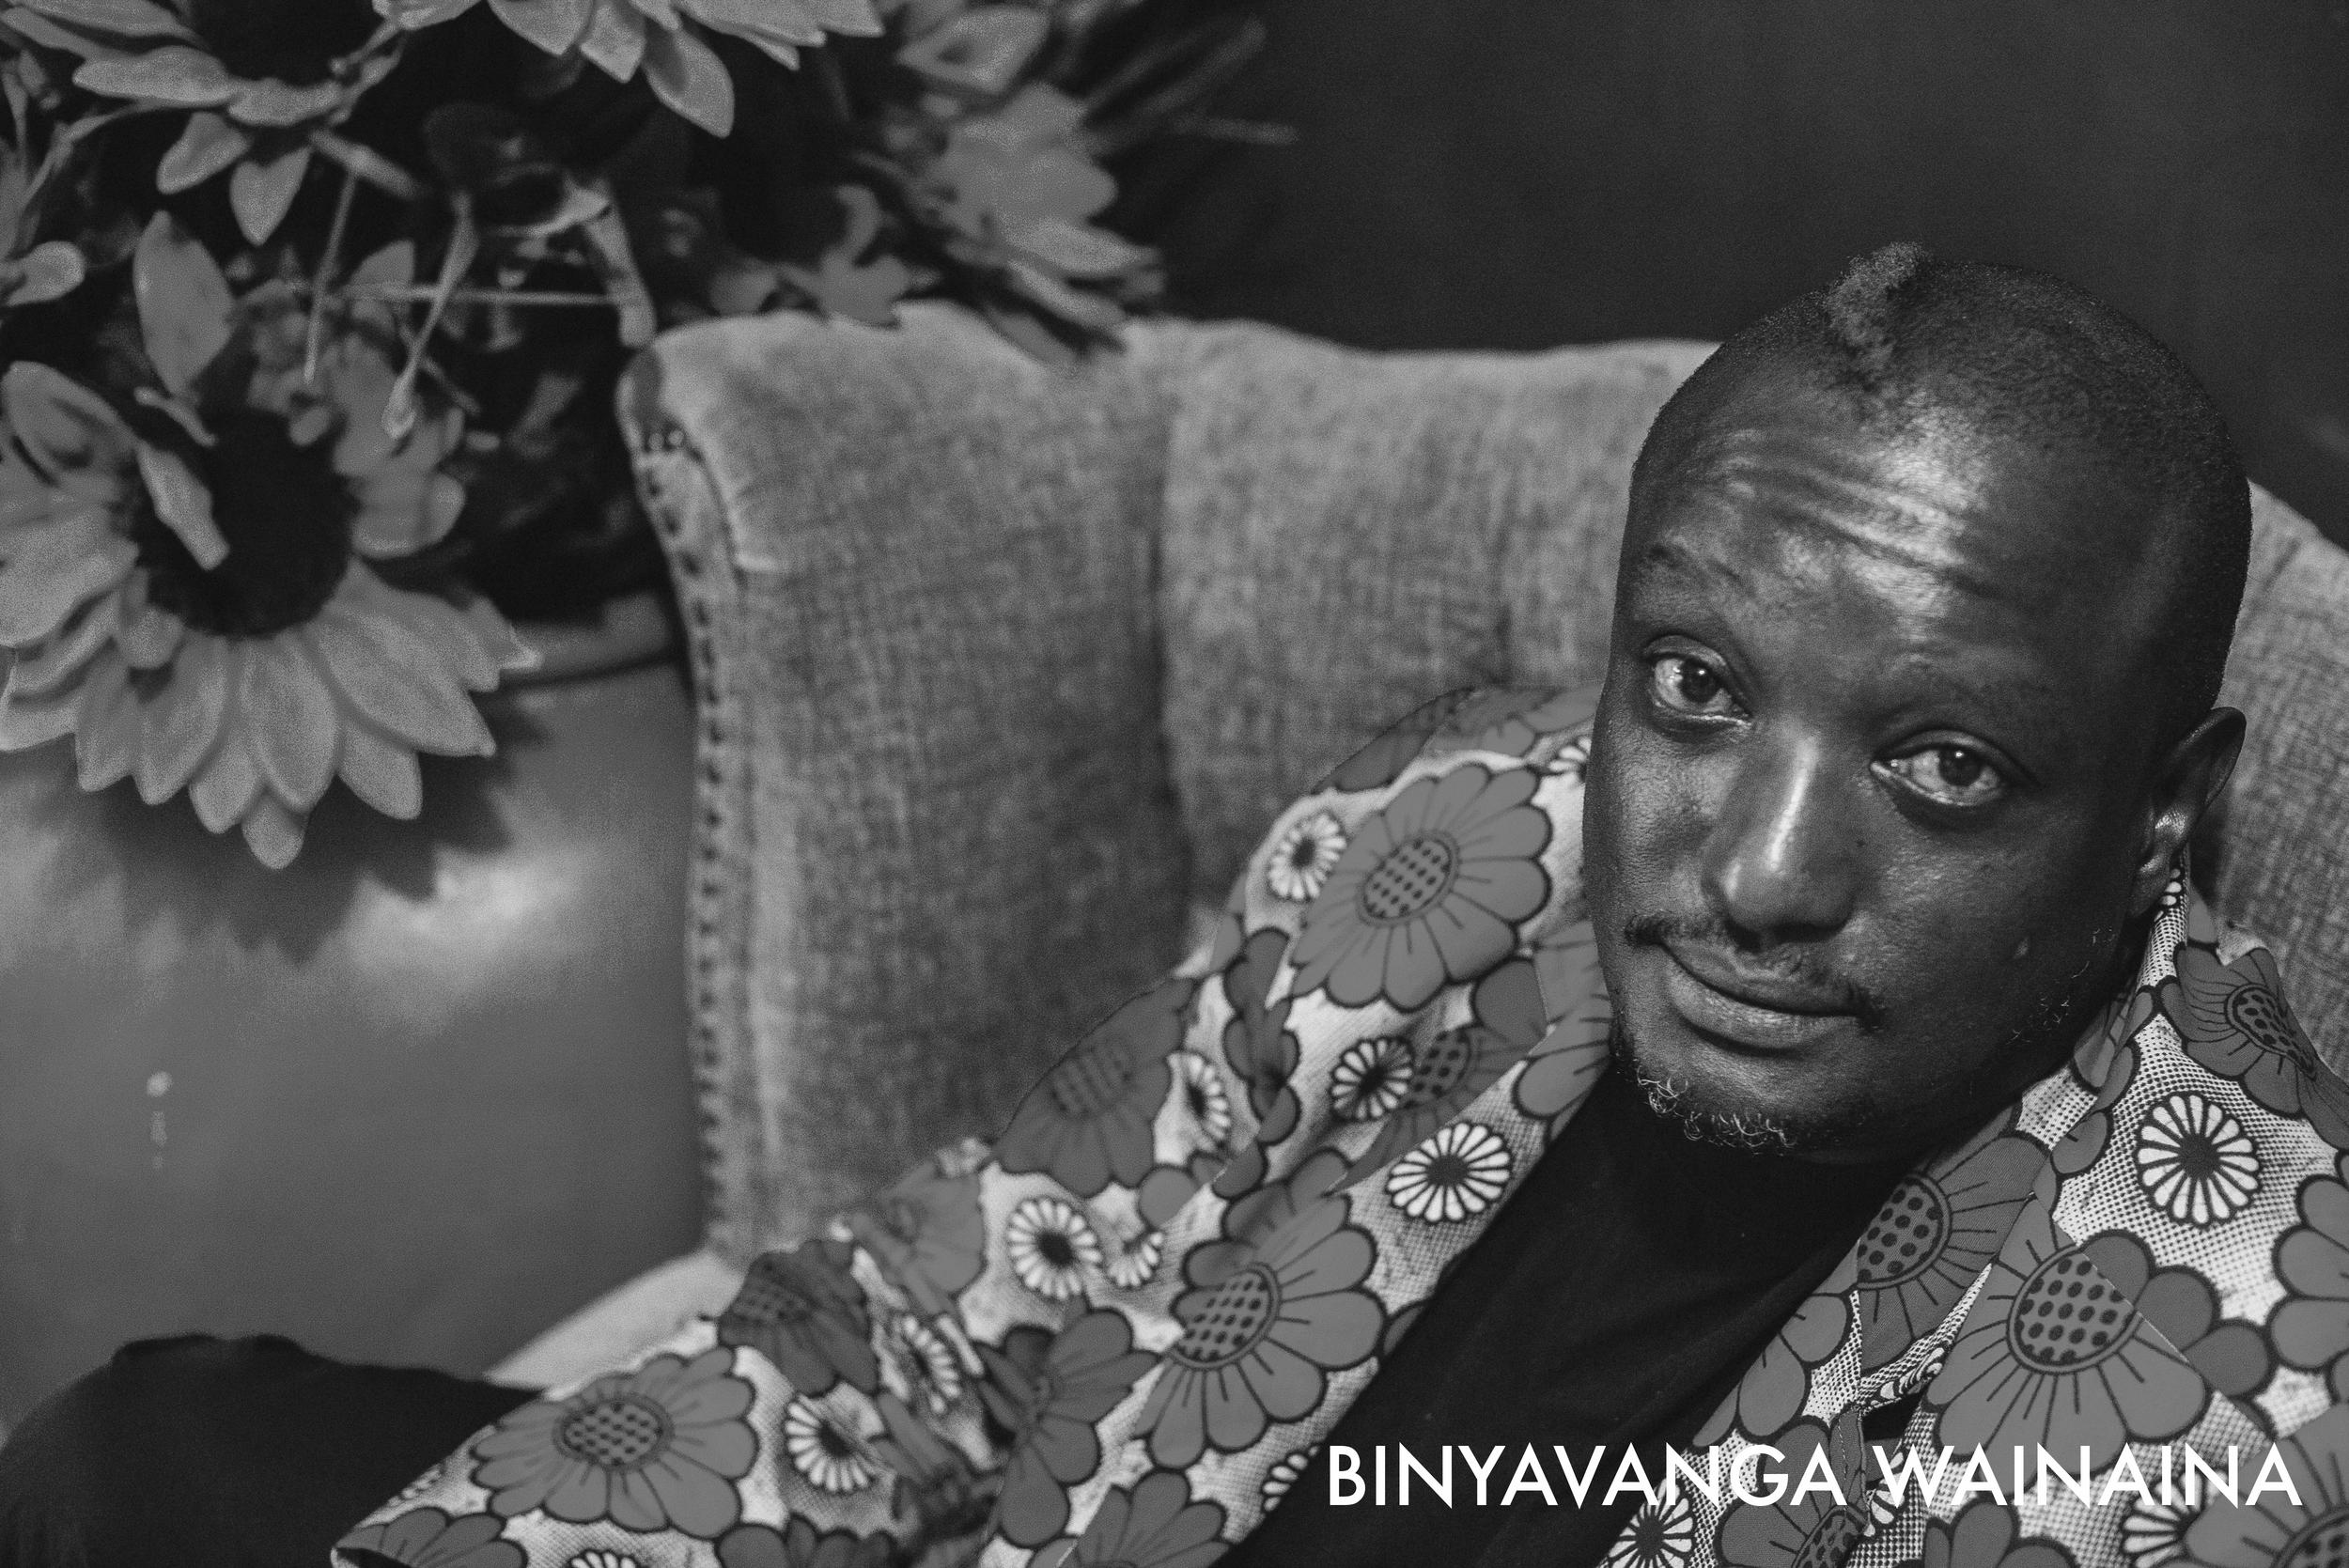 Binyavanga-Wainaina-Headshot-Original copy.jpg